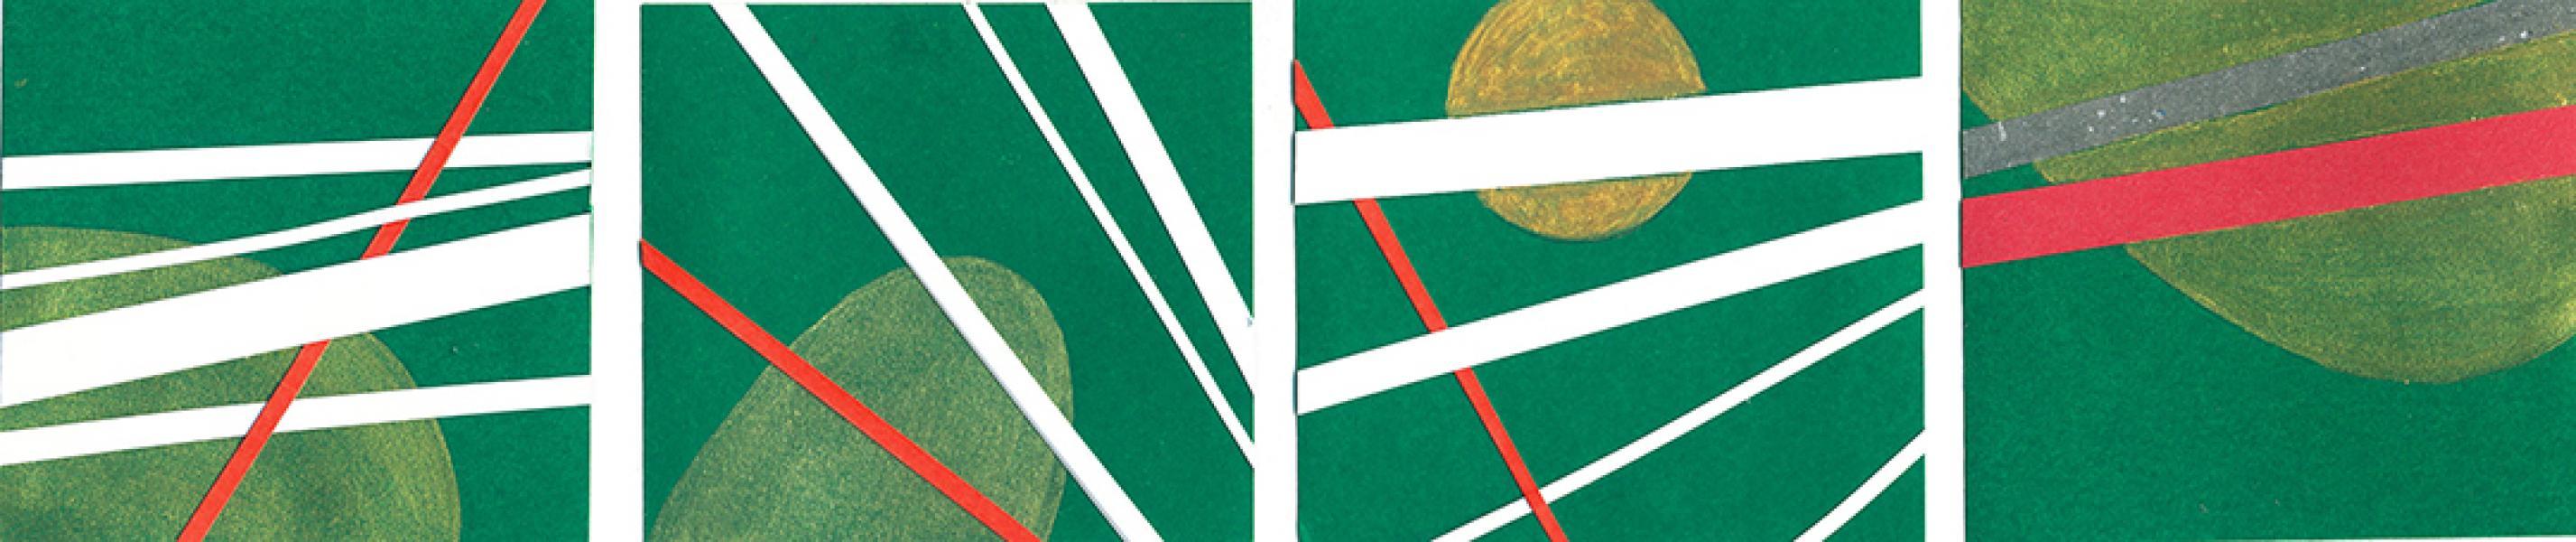 Sequenza. Radiazioni. 2010. Collage e acrilico su carta. cm. 17X45. Copyright  A. Cocchi ©2010